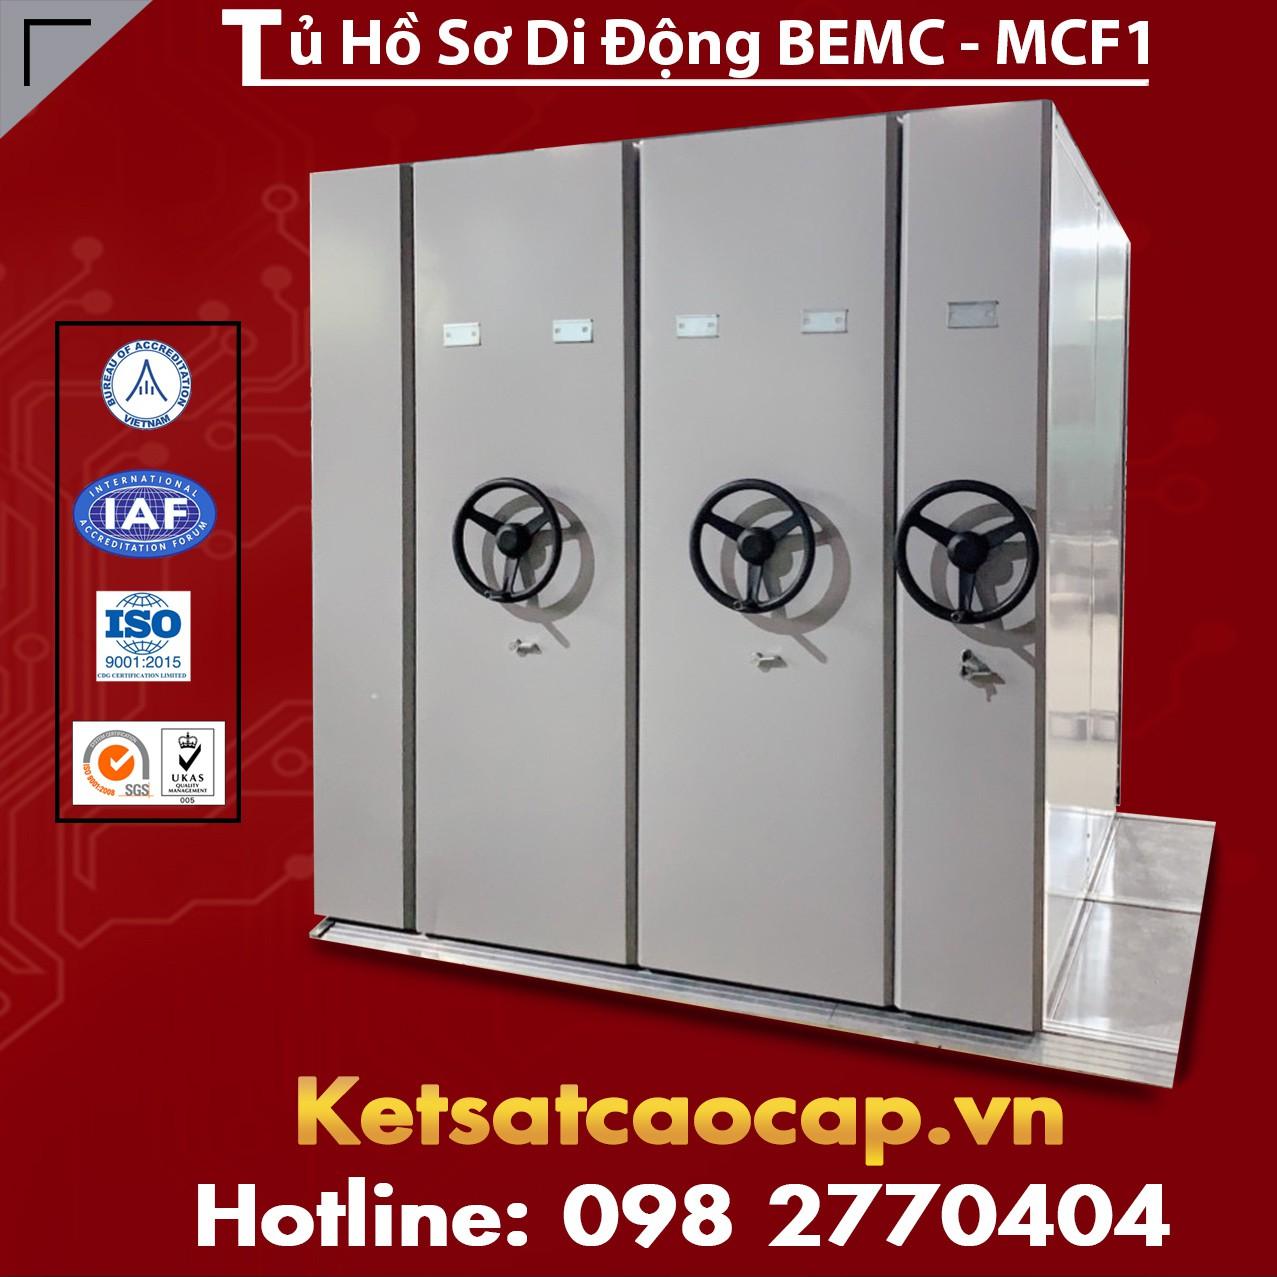 Tủ Thư Viện Di Động BEMC - MCF1